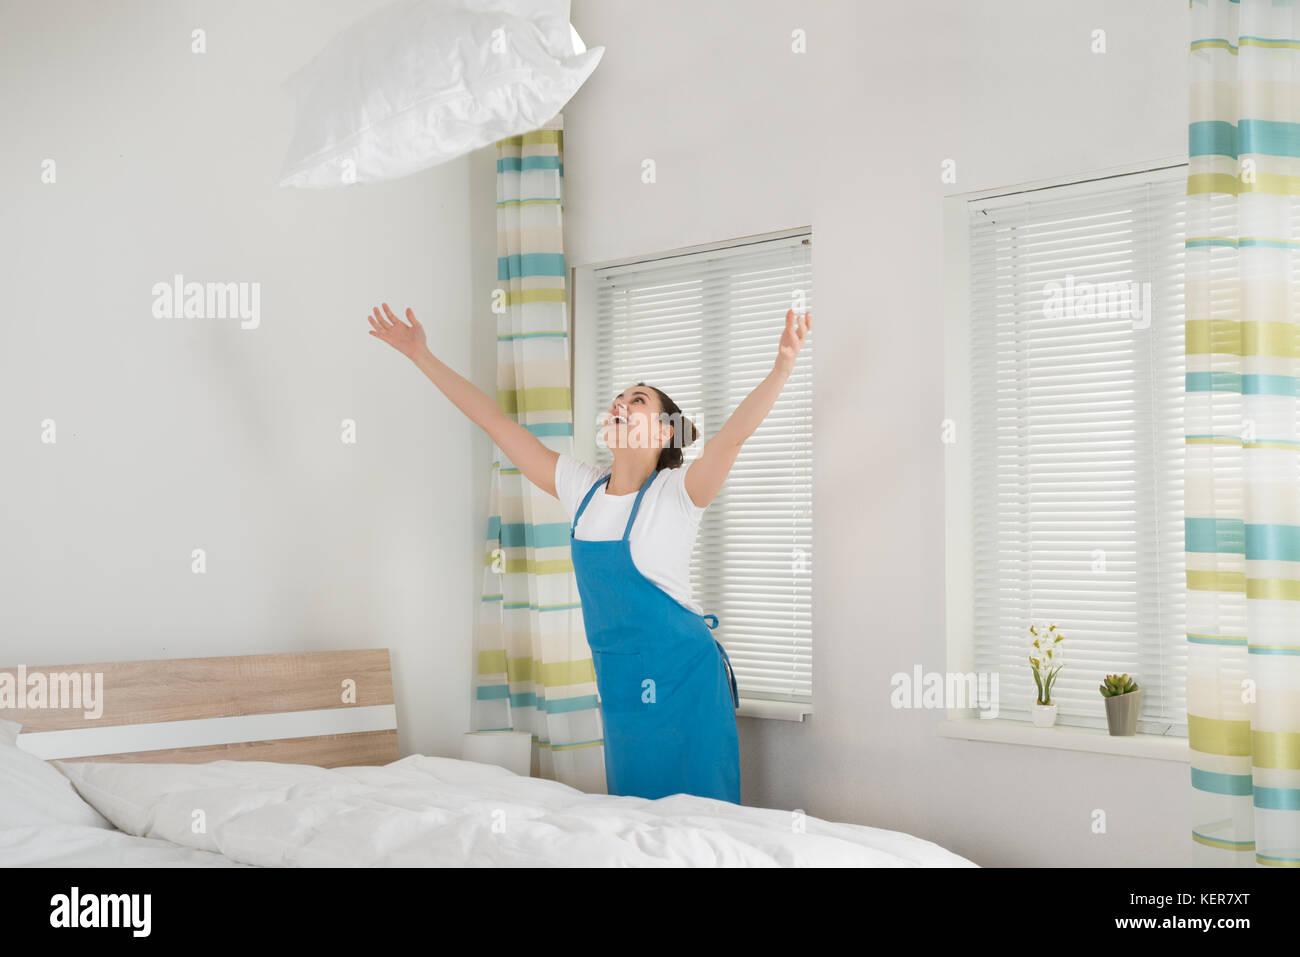 throwing pillow stock photos throwing pillow stock images alamy